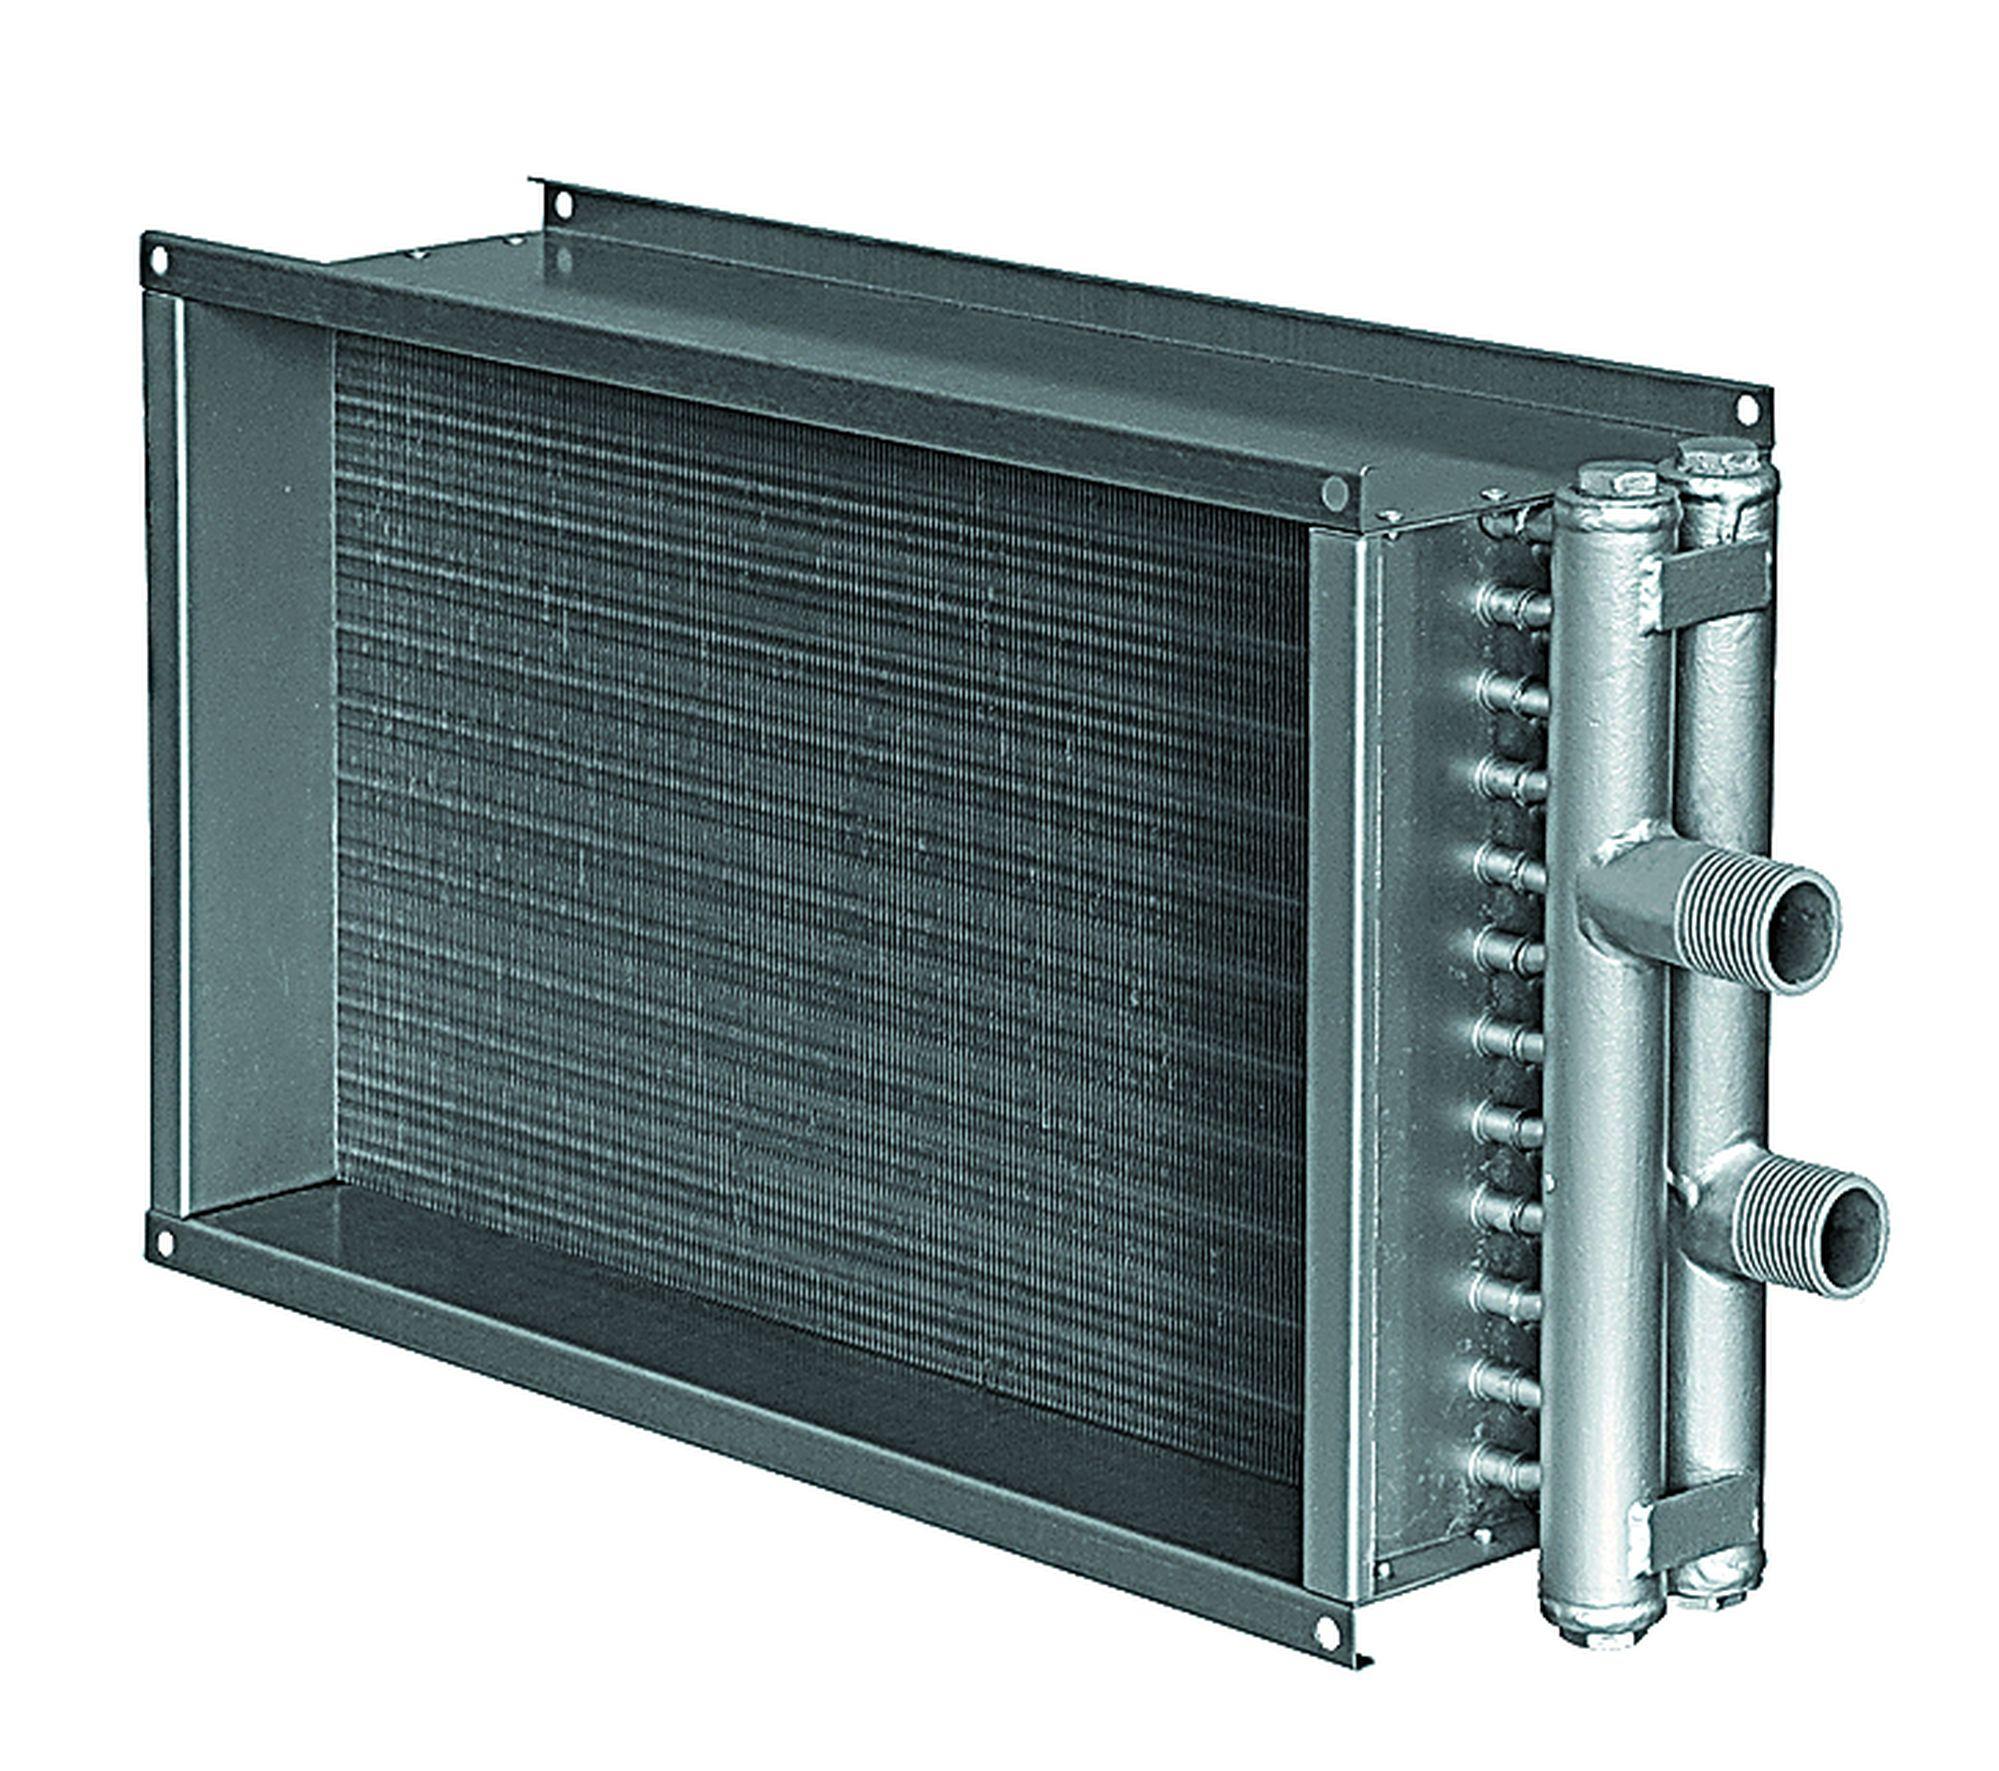 Теплообменник тип wh 90 50 2 ned теплообменник изготовим средняя